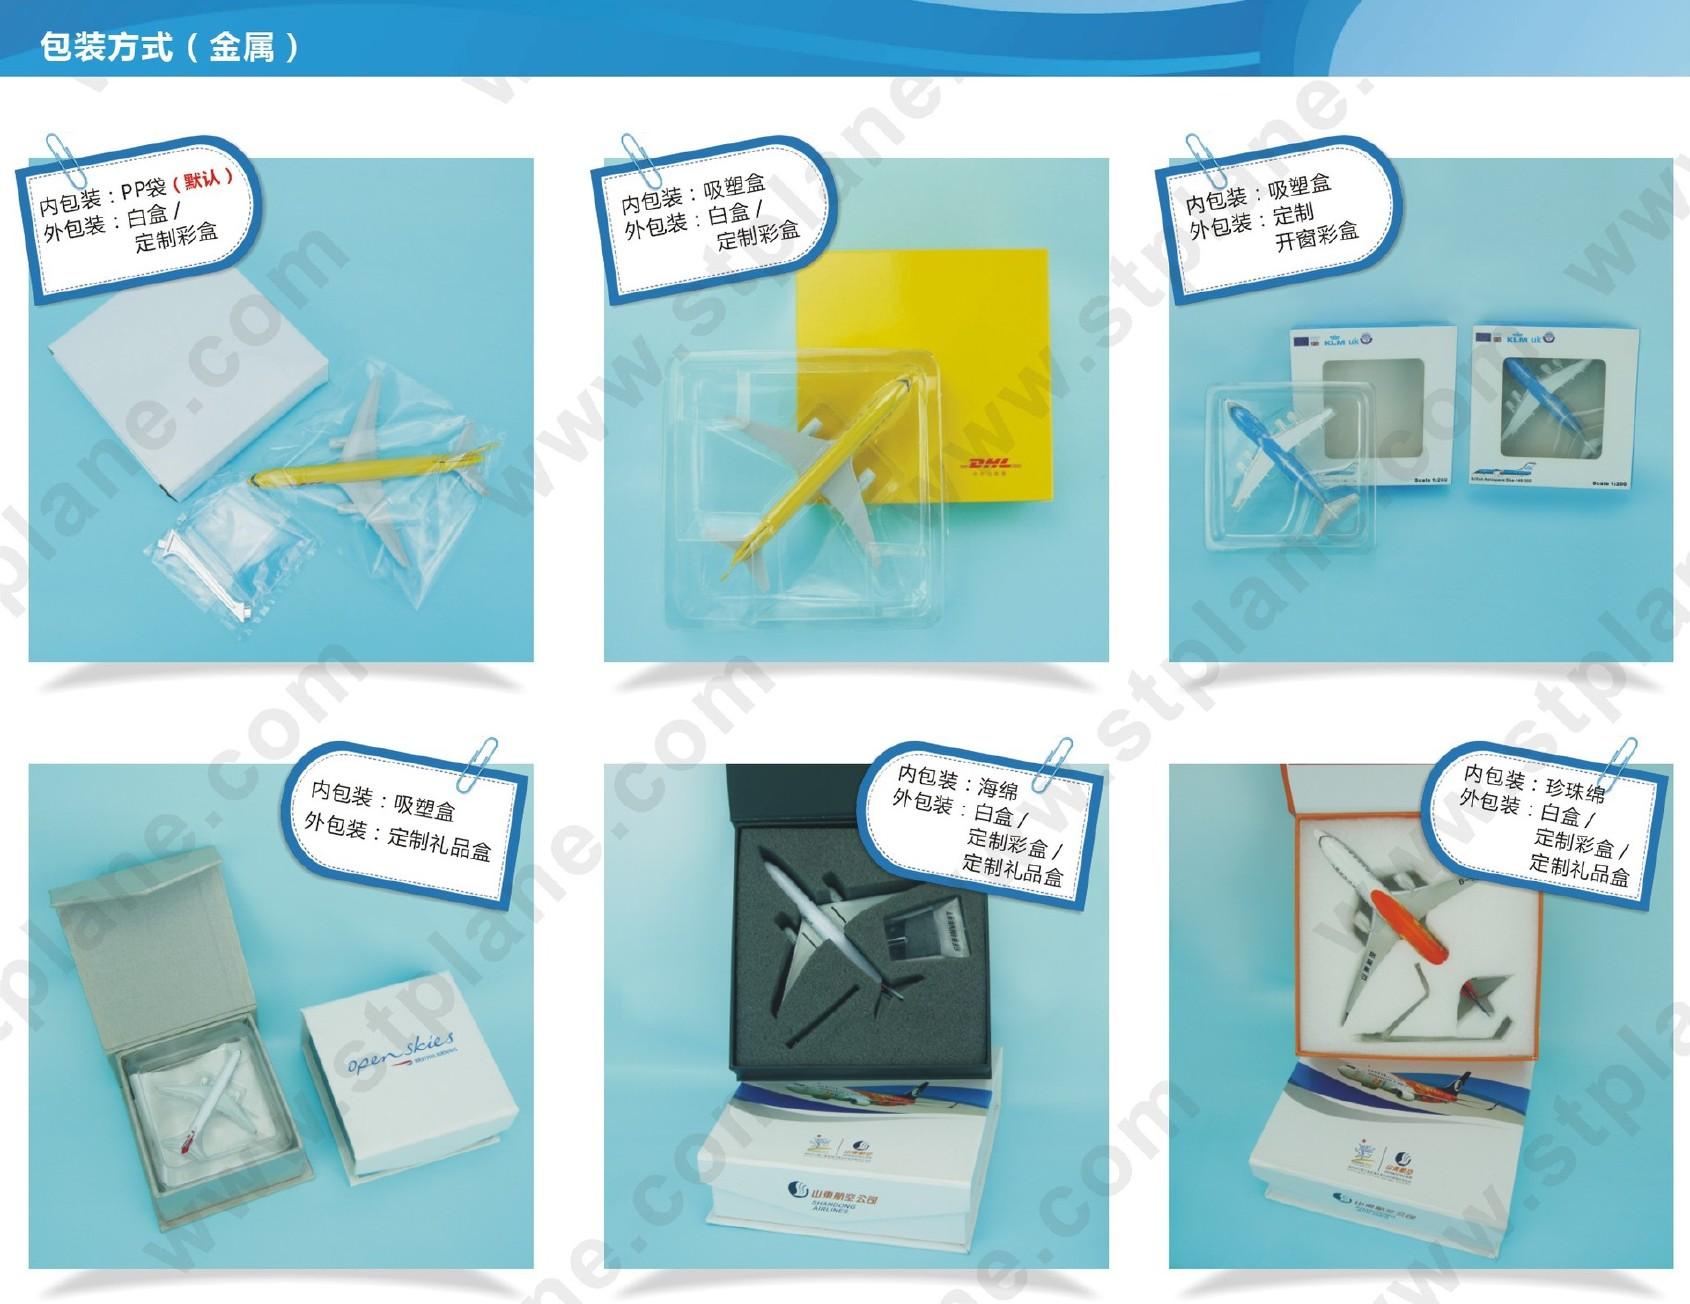 航空工艺品波音B737-800祥鹏金属飞机模型静图纸上的6怎么比例是算的图片